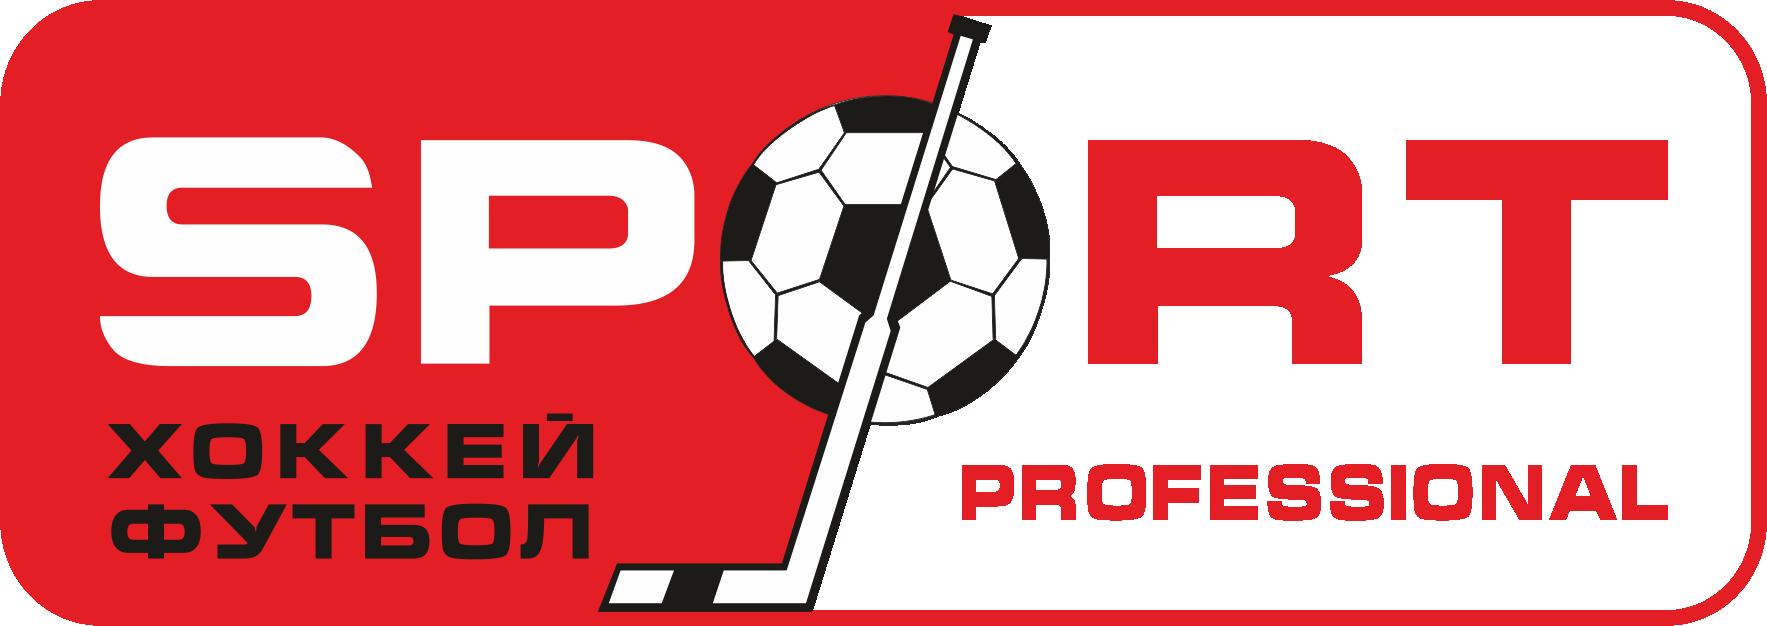 Ооо профессионал официальный сайт спорт